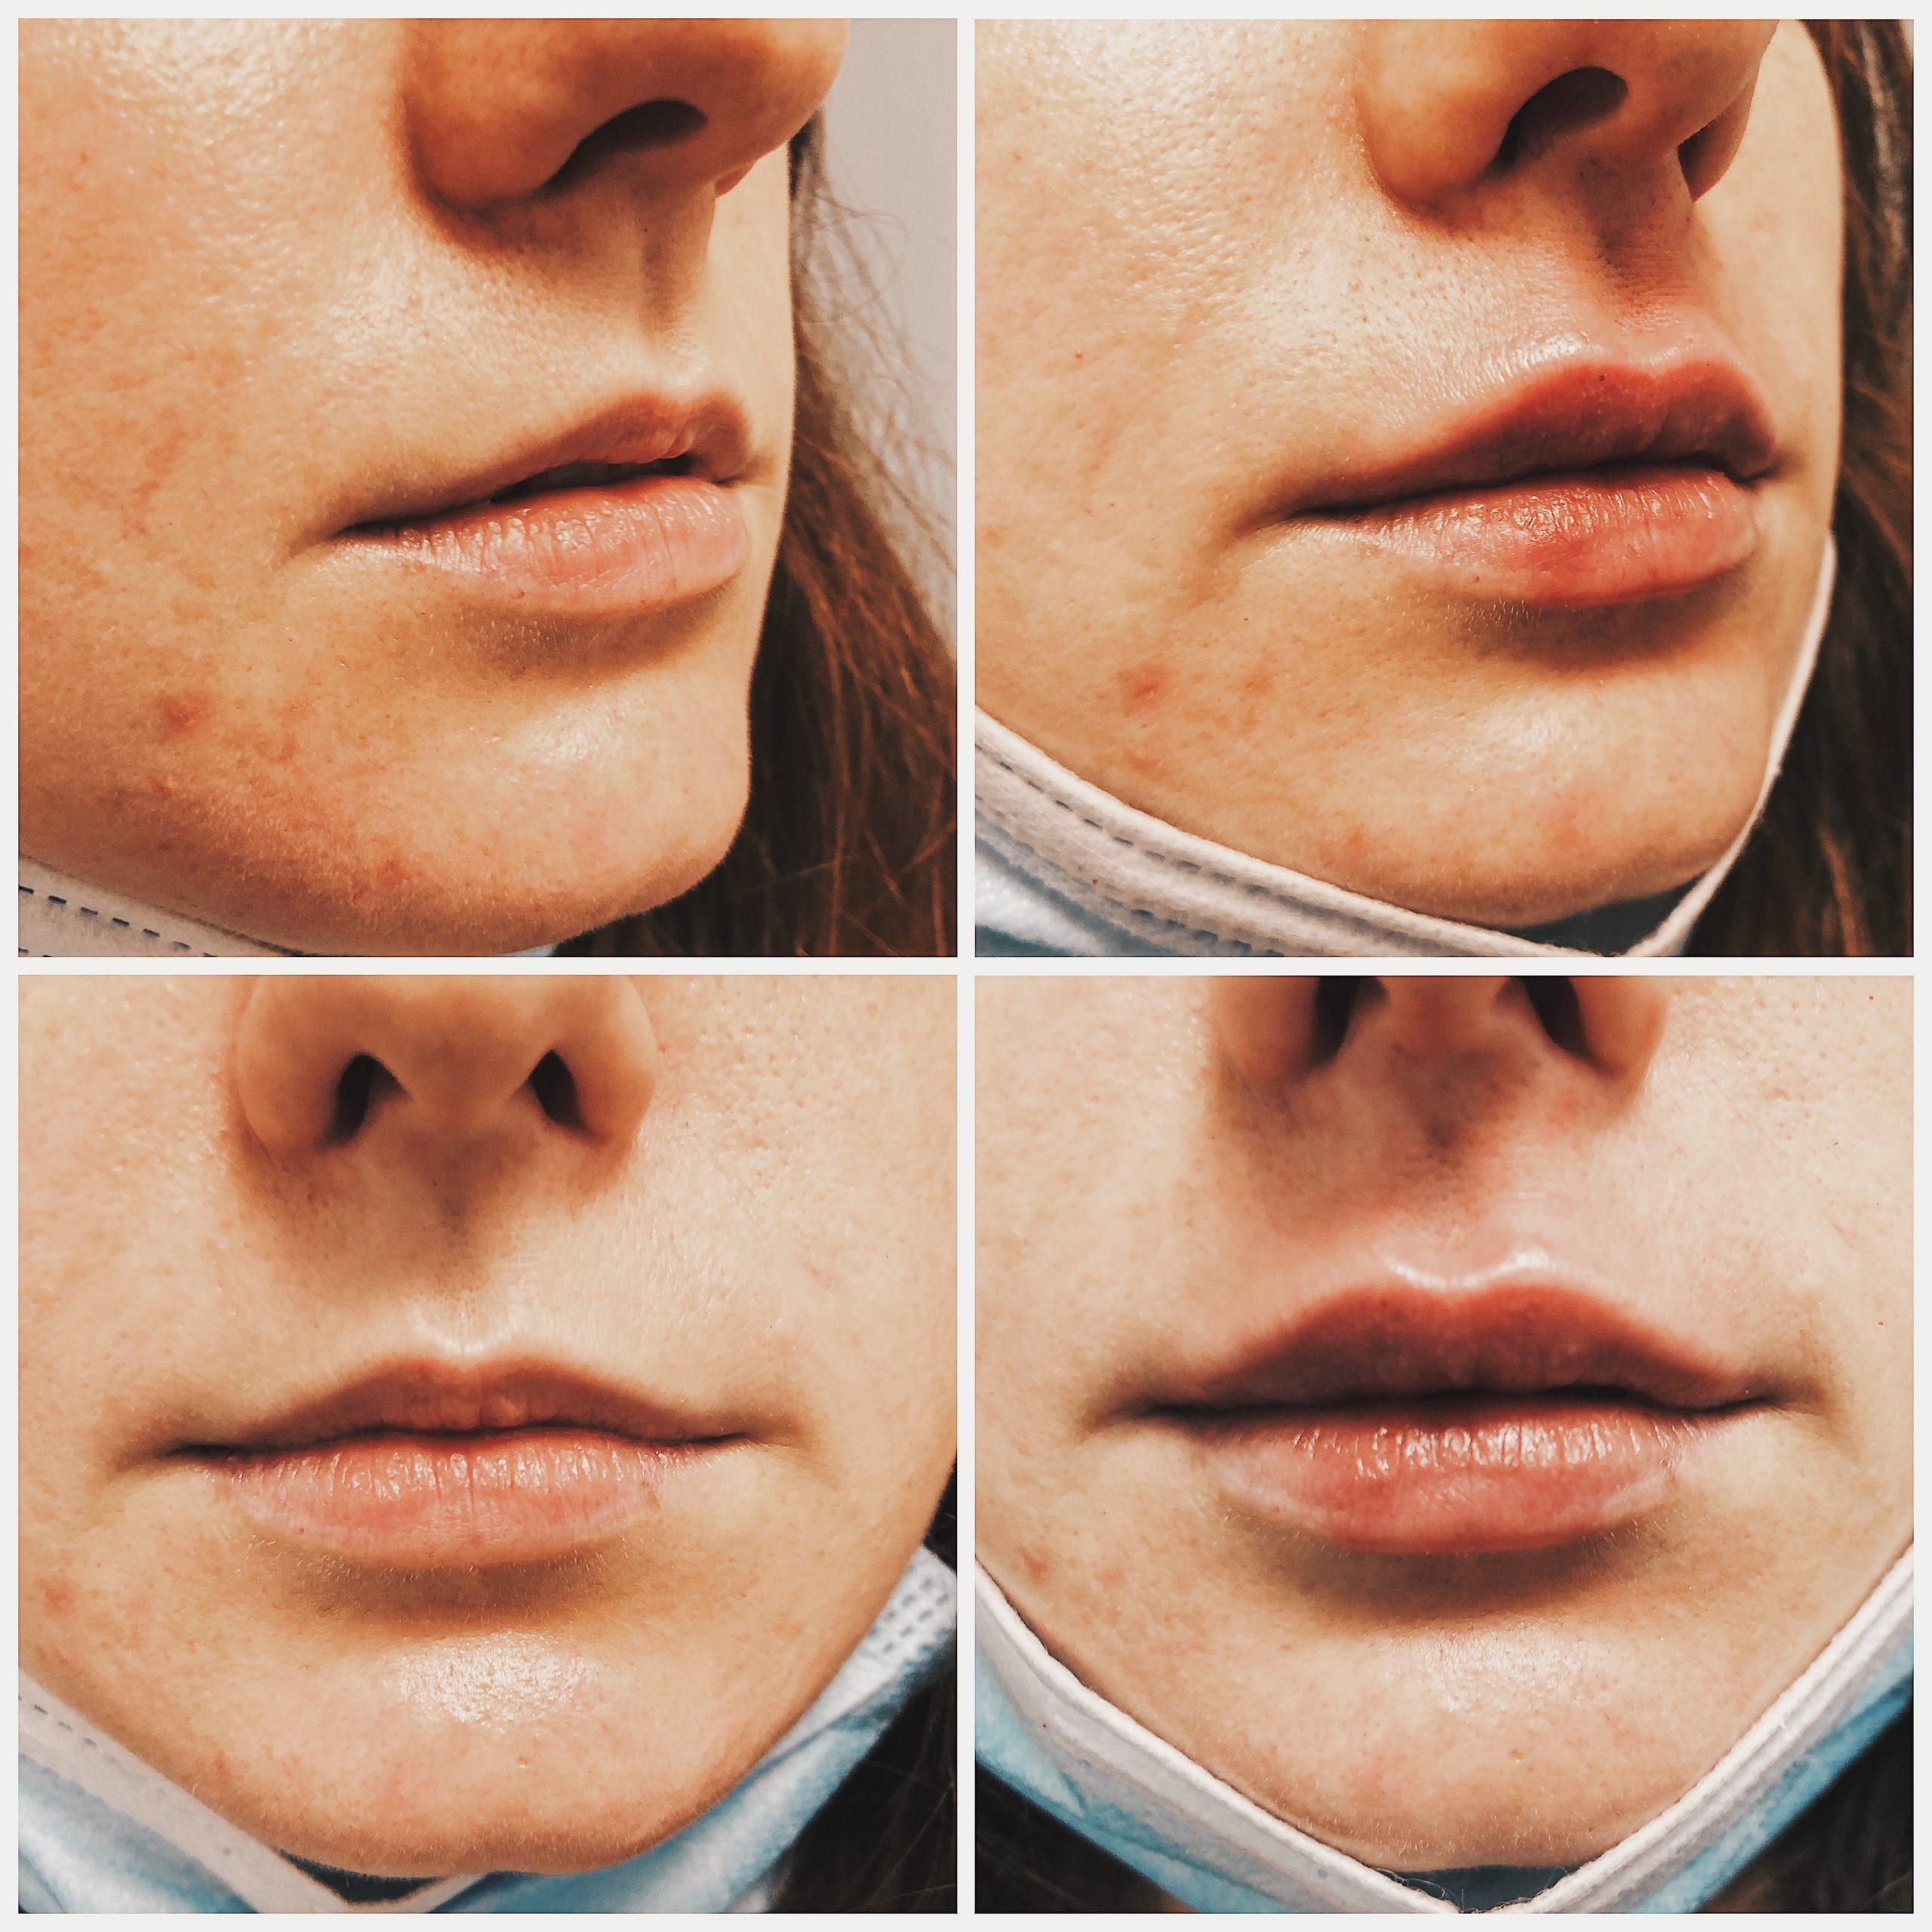 Aumento de labios con Protocolo Naturel Lips antes y después